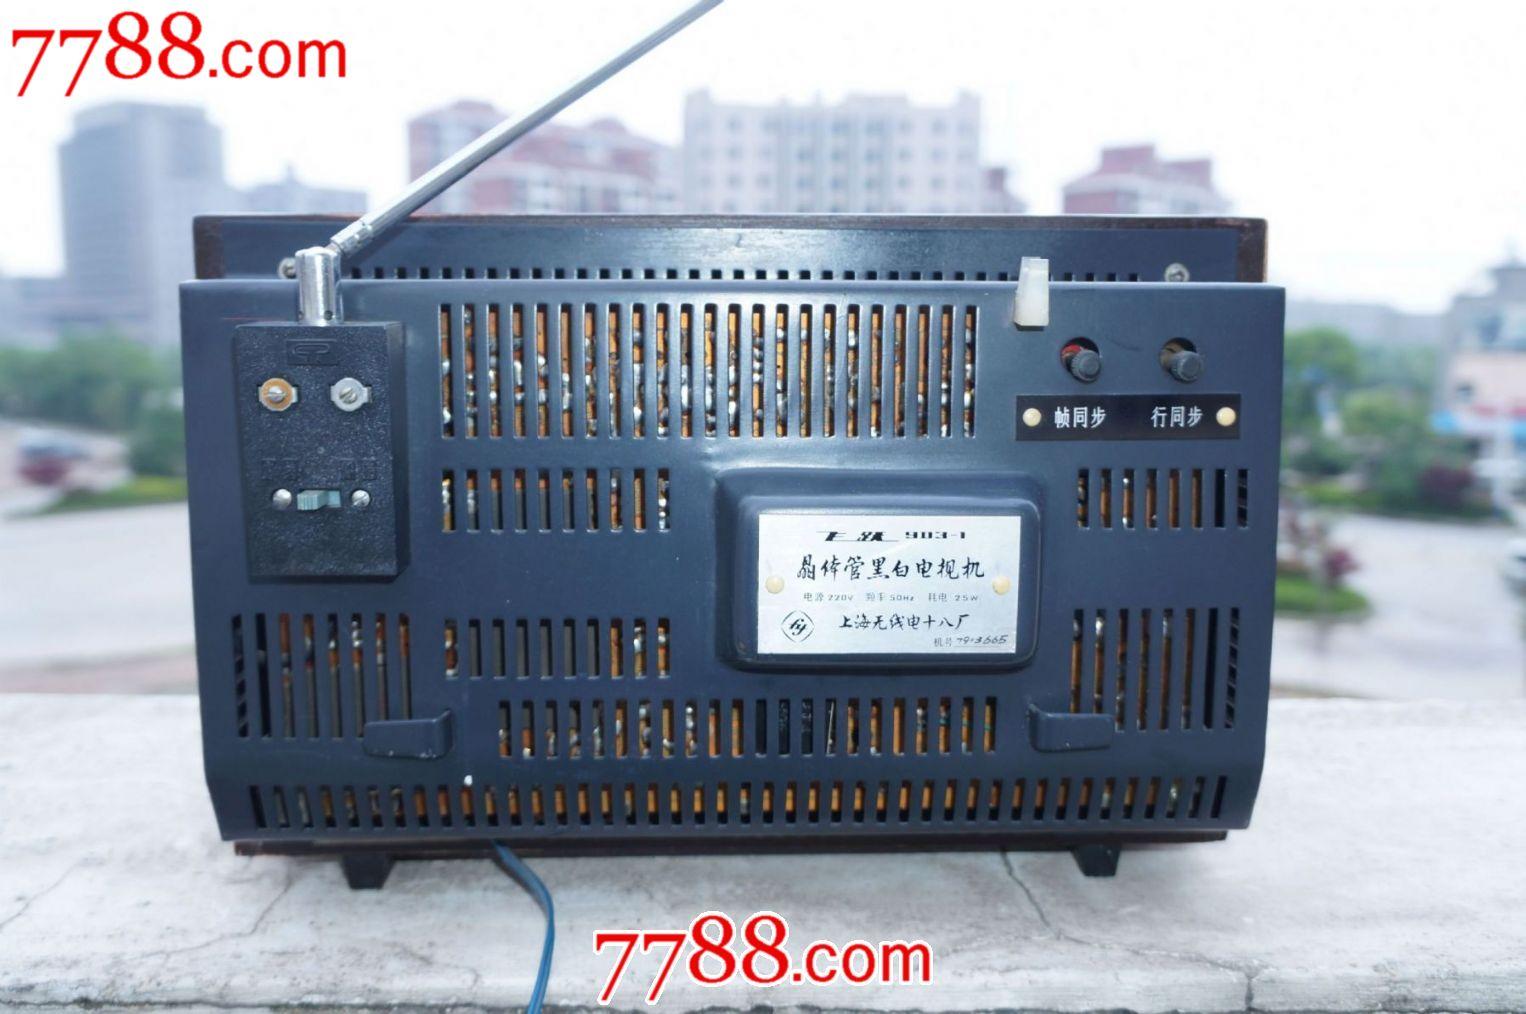 电路板 机器设备 1526